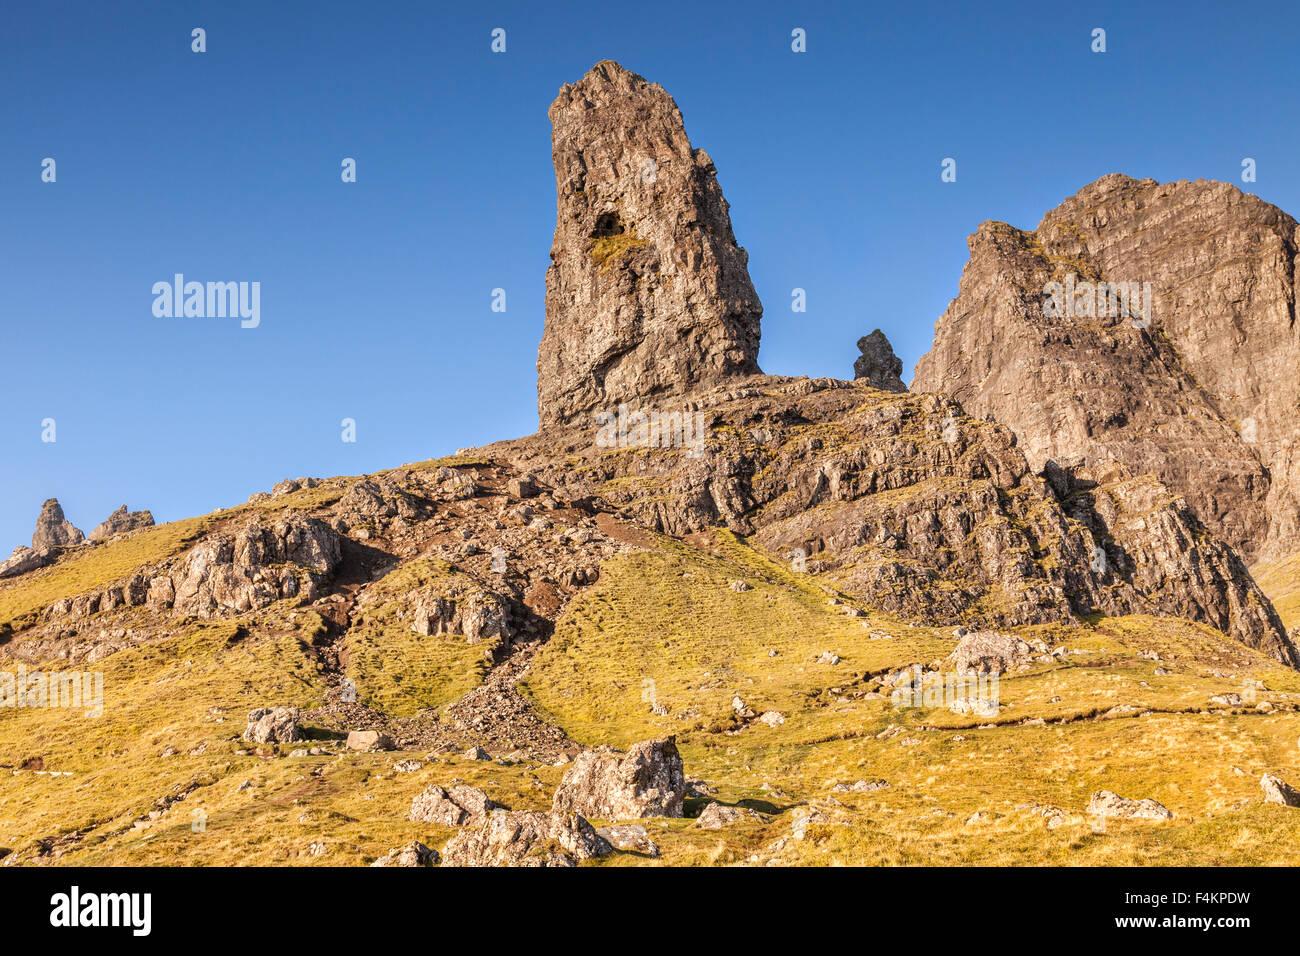 Vieil Homme de Storr, île de Skye, Hébrides intérieures, Ecosse, Royaume-Uni Photo Stock